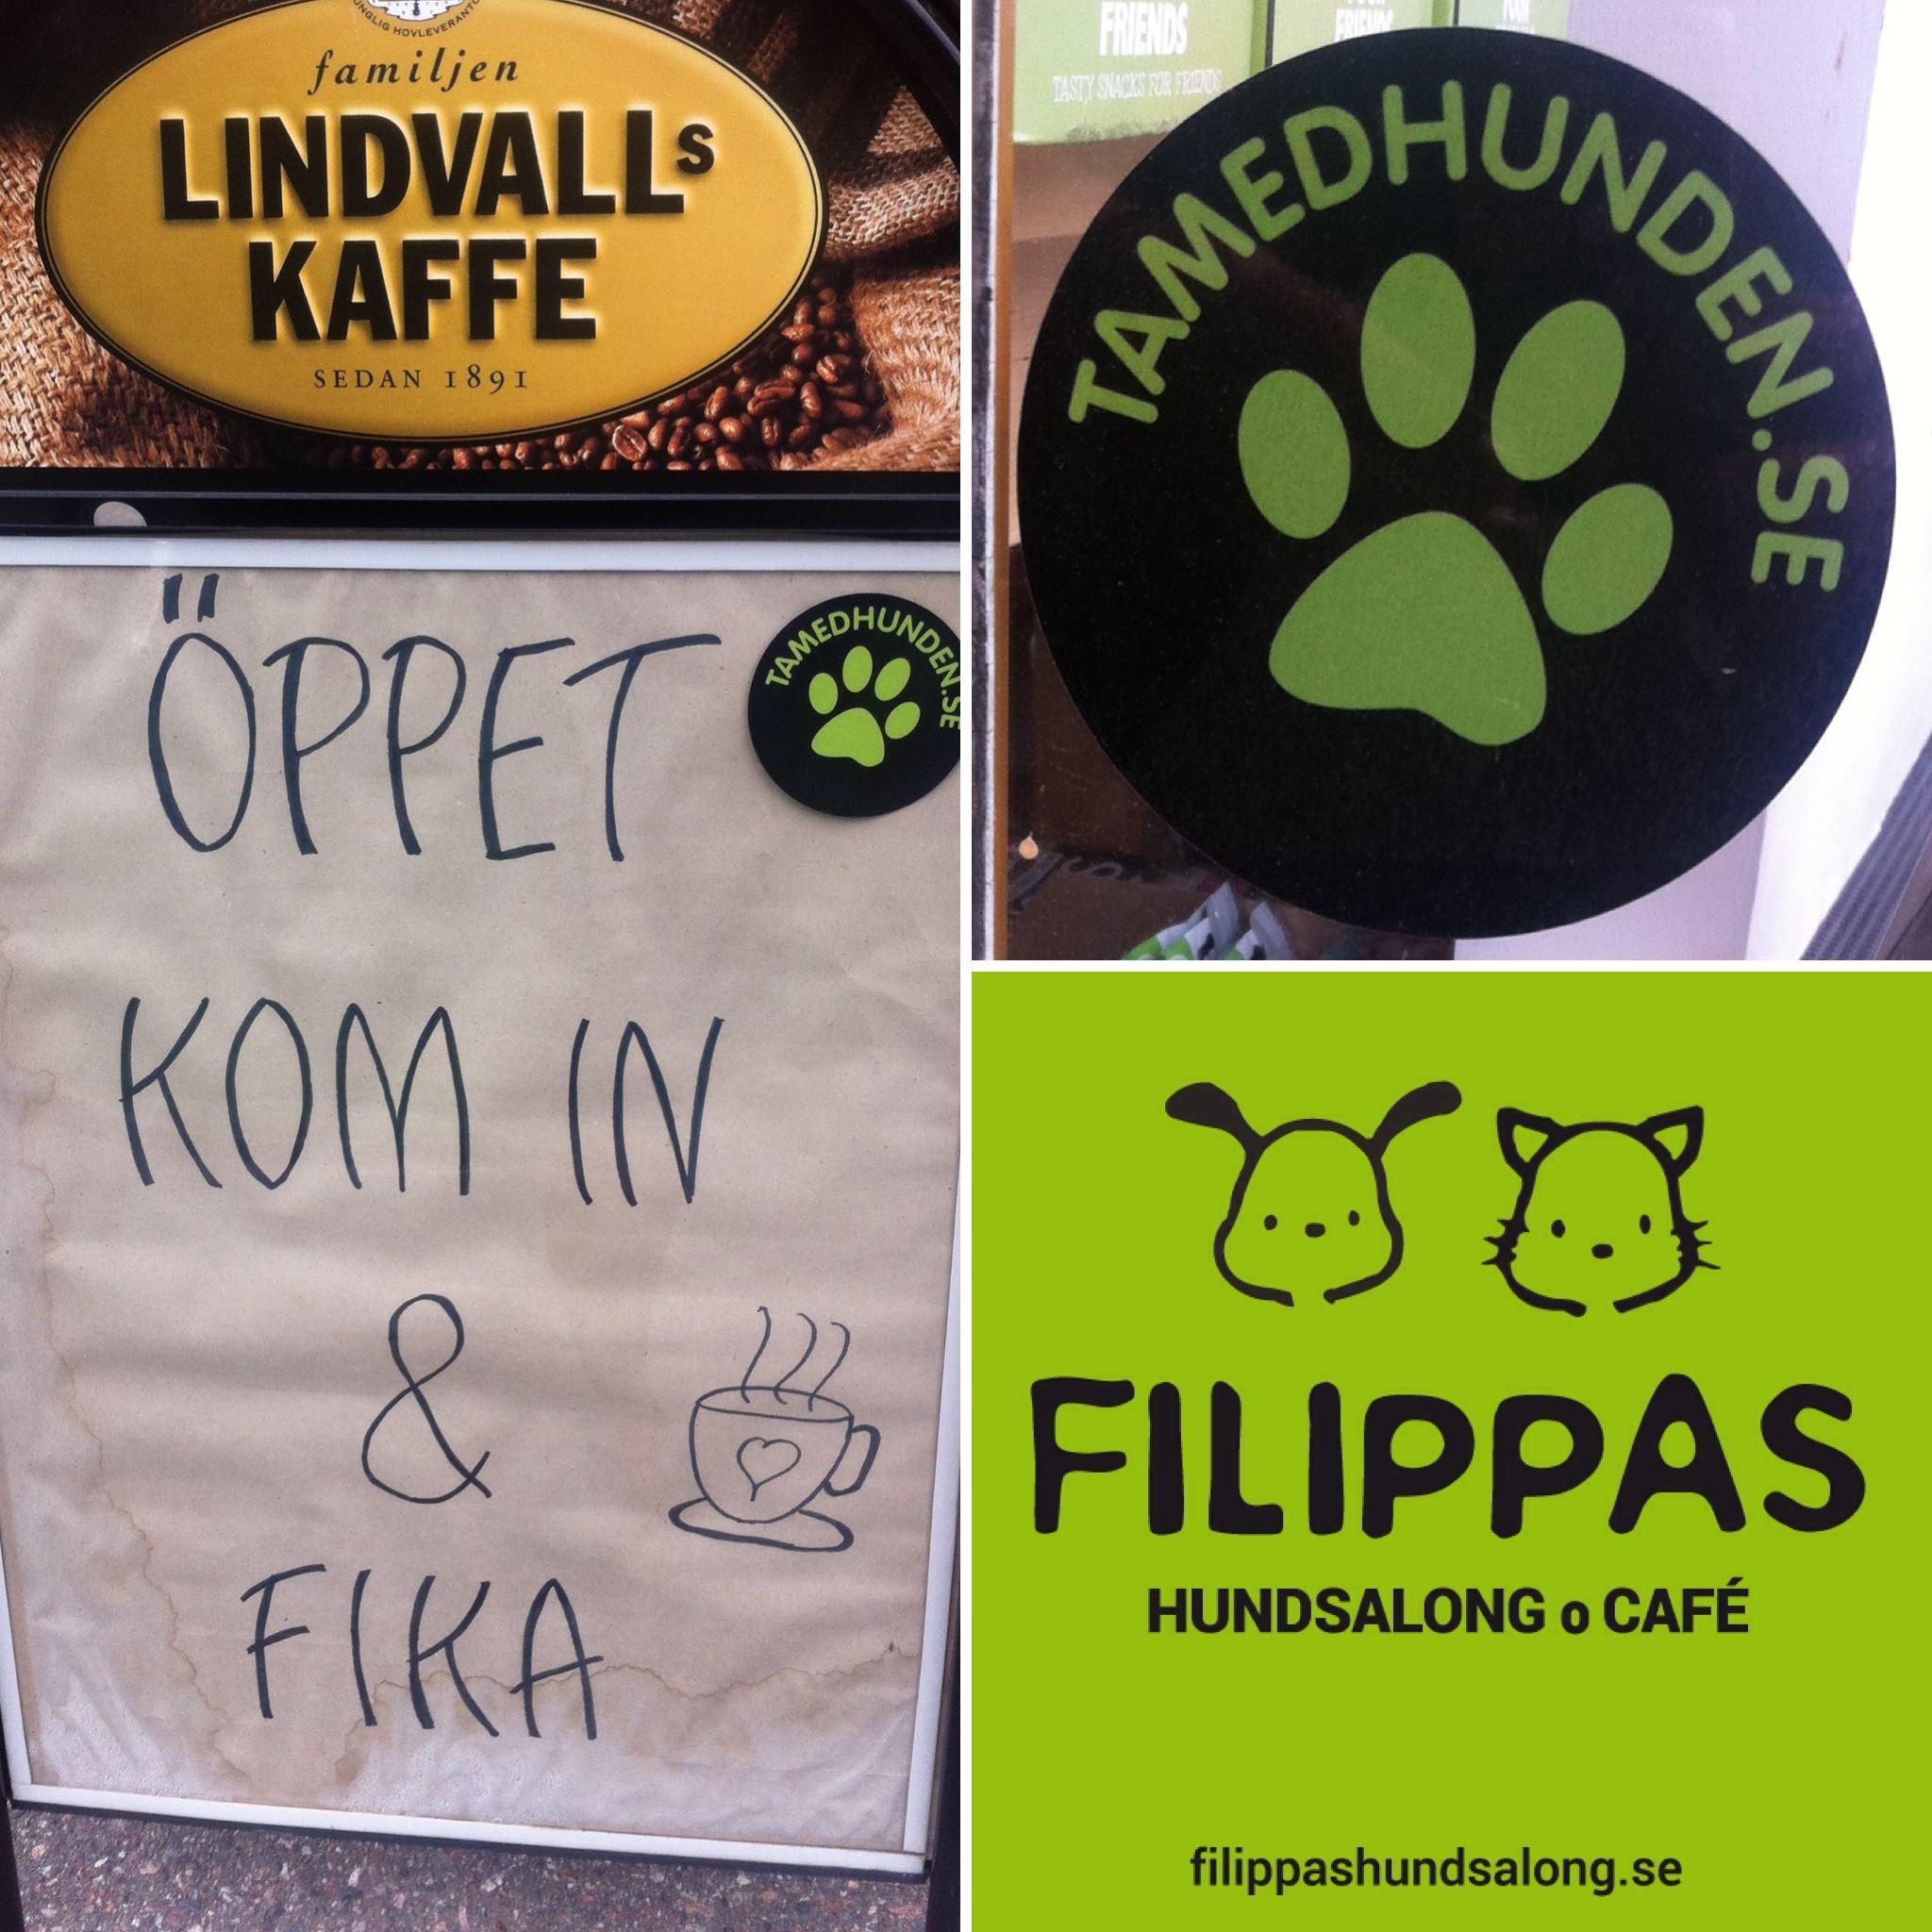 Filippas hundsalong och café